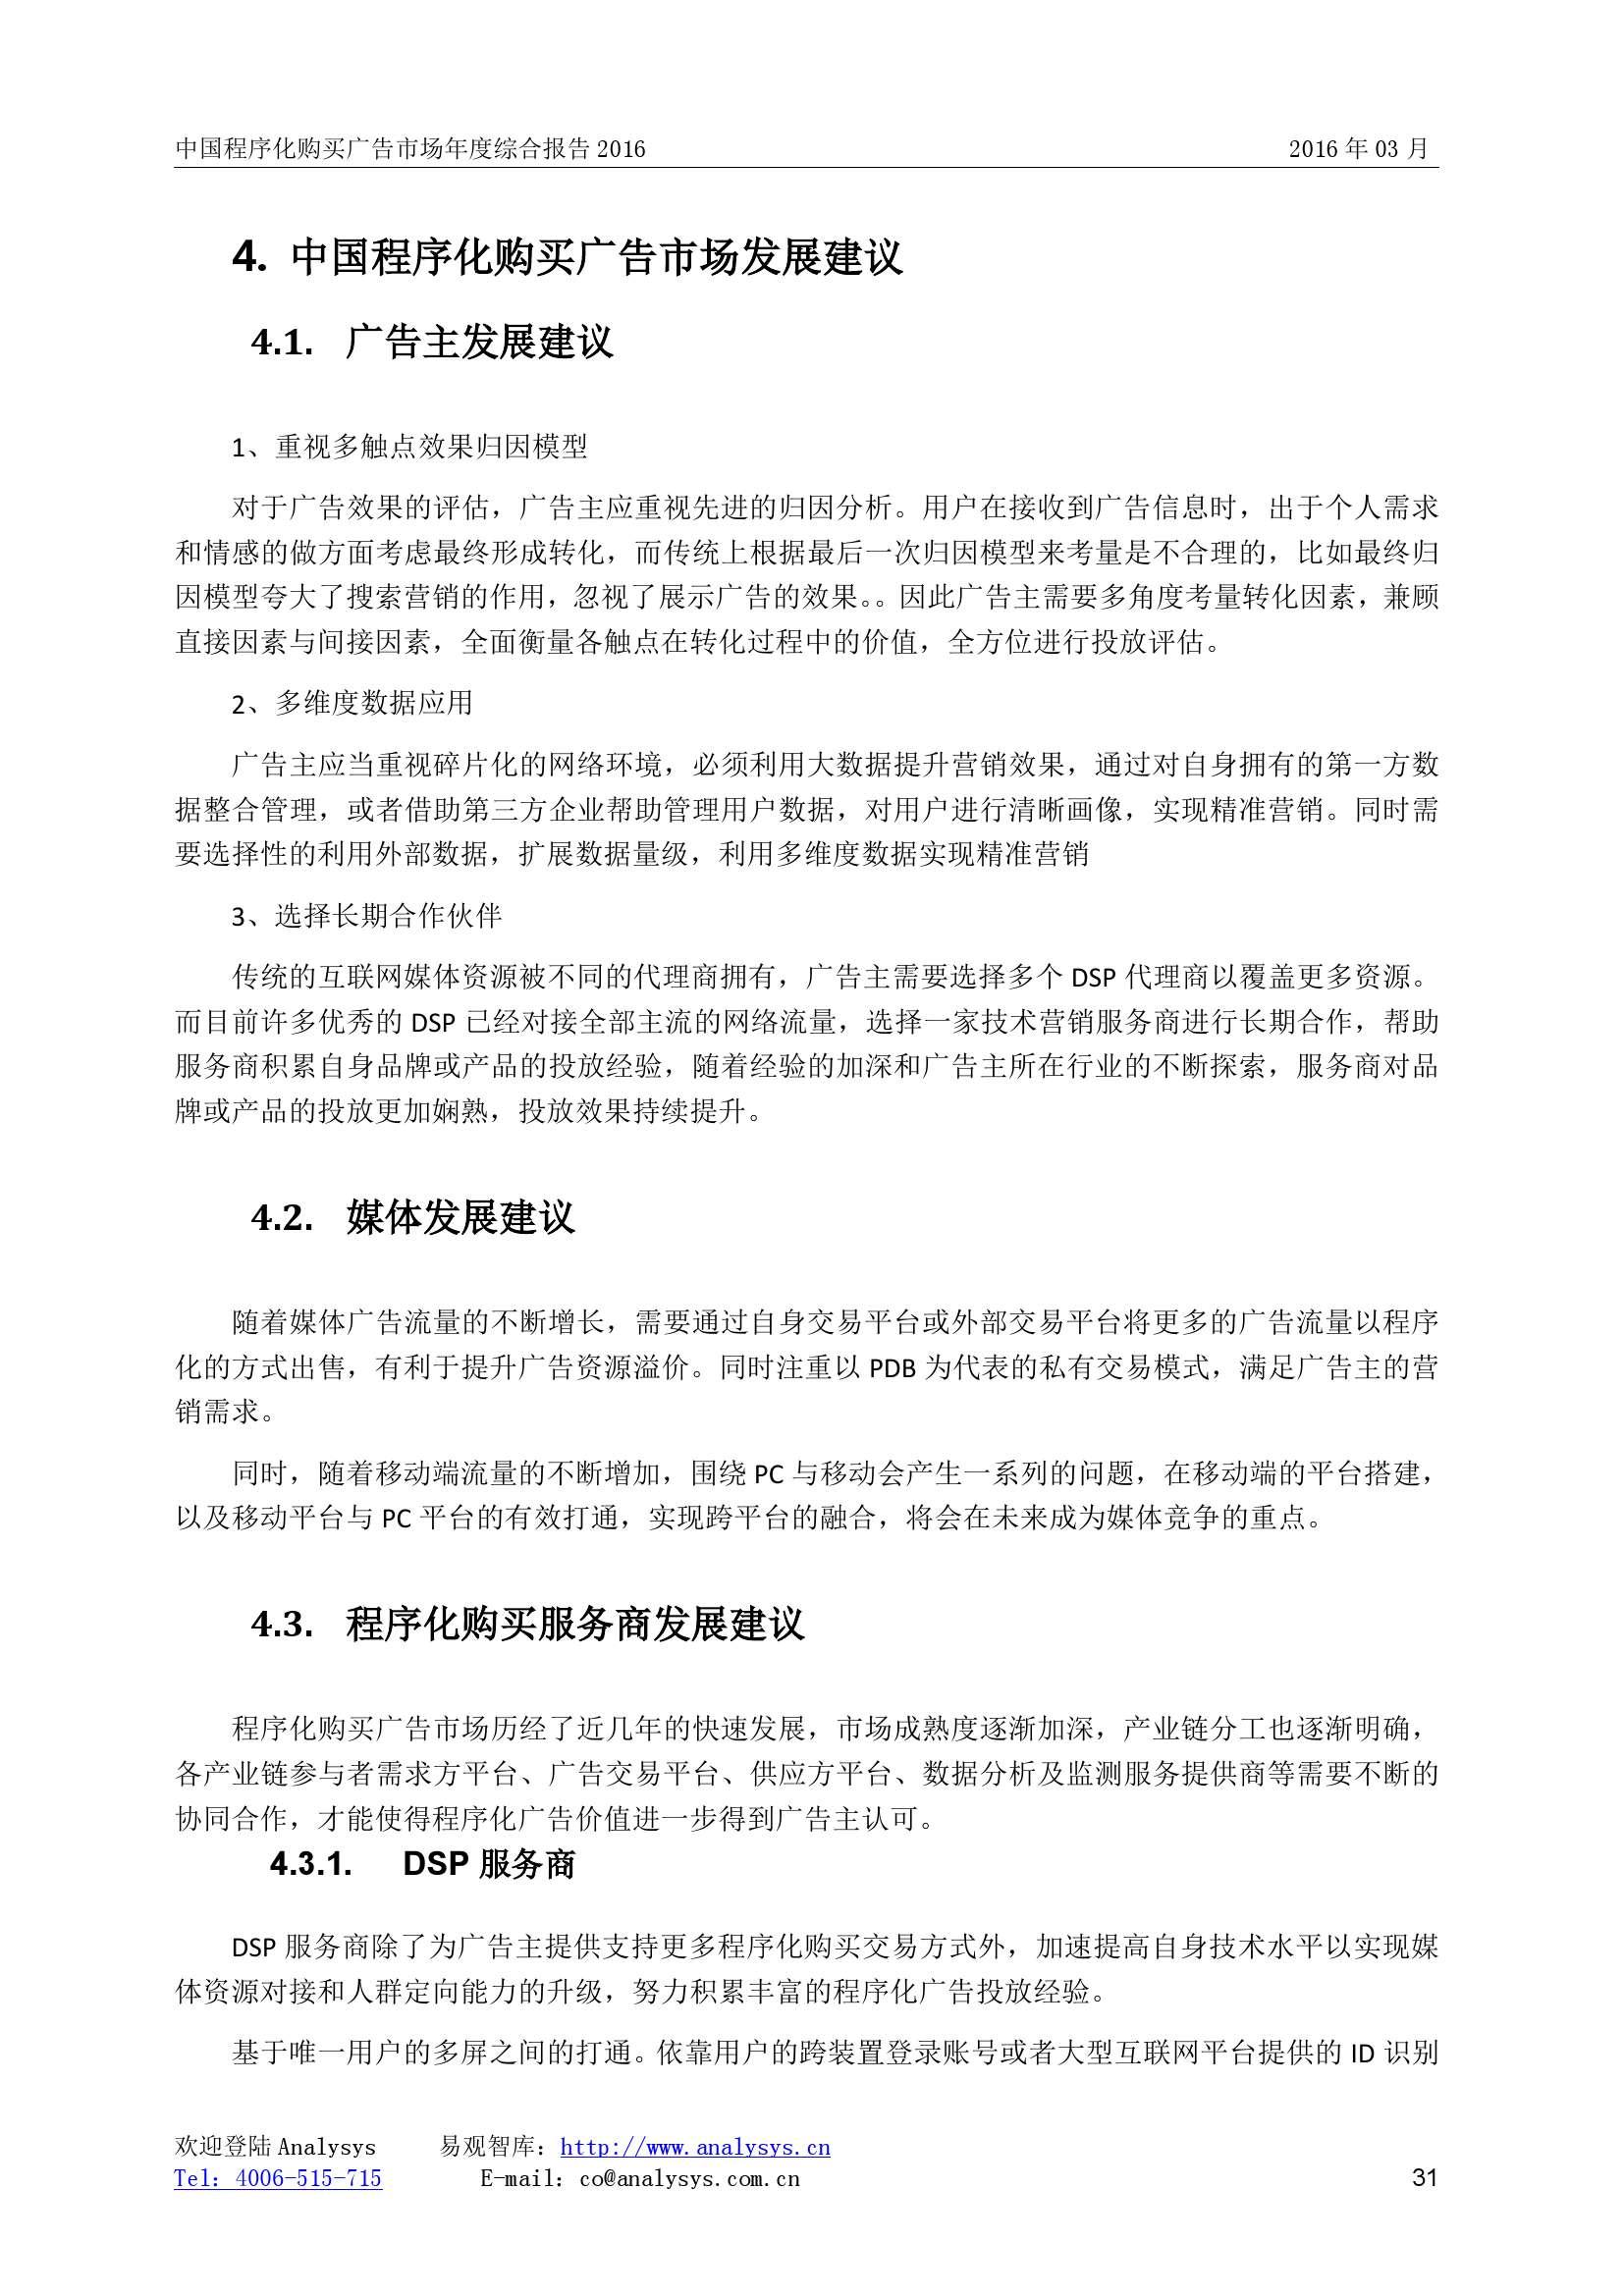 中国程序化购买广告市场年度综合报告2016_000031